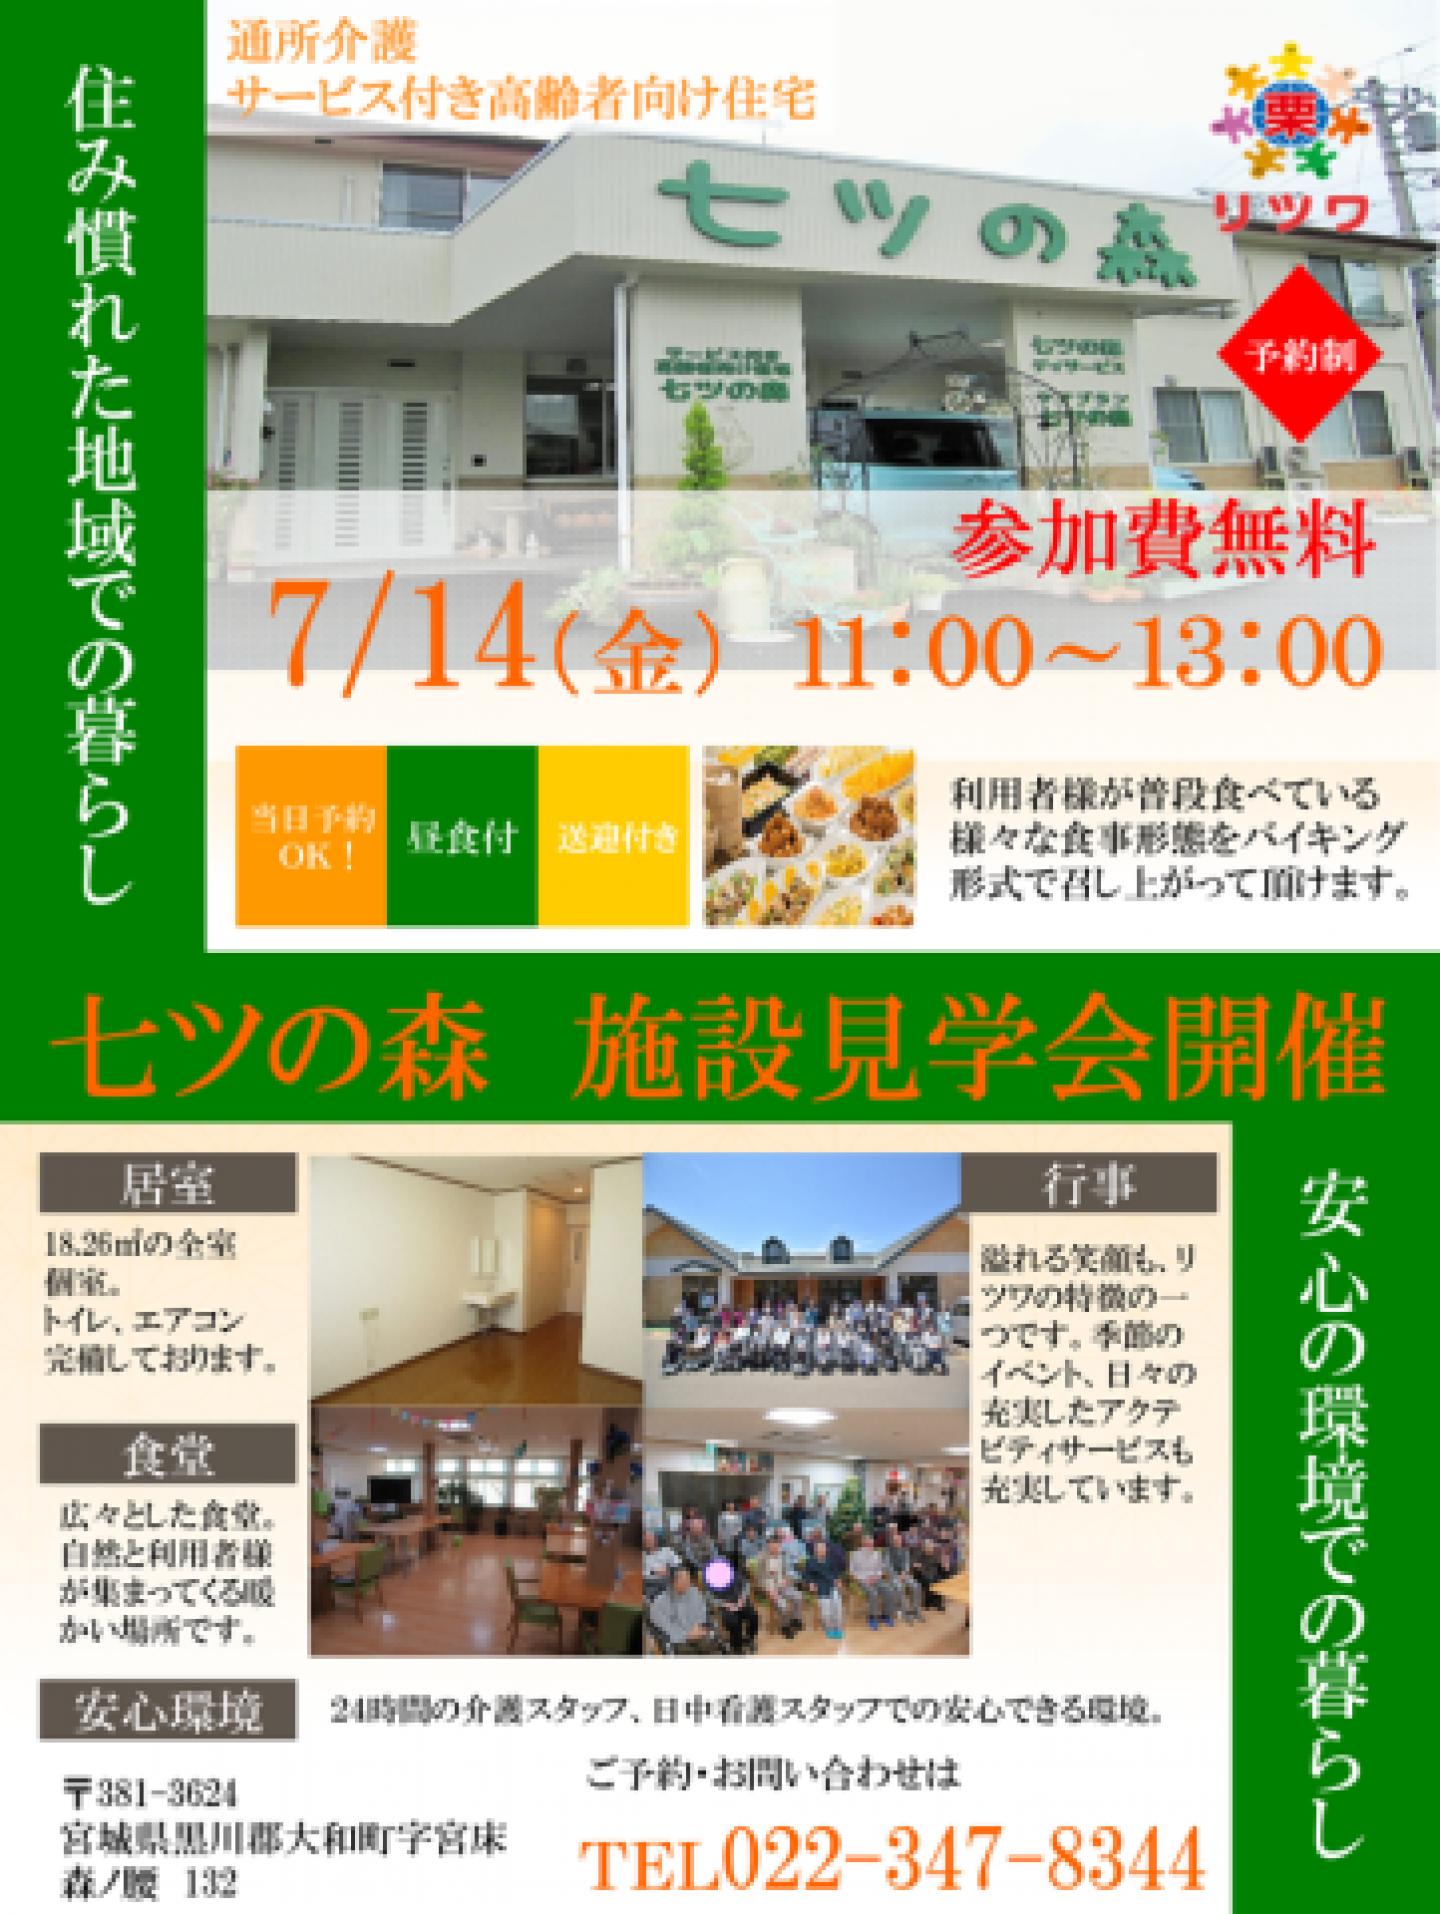 nanatsunomori-kengakukai-201707-1-361x480